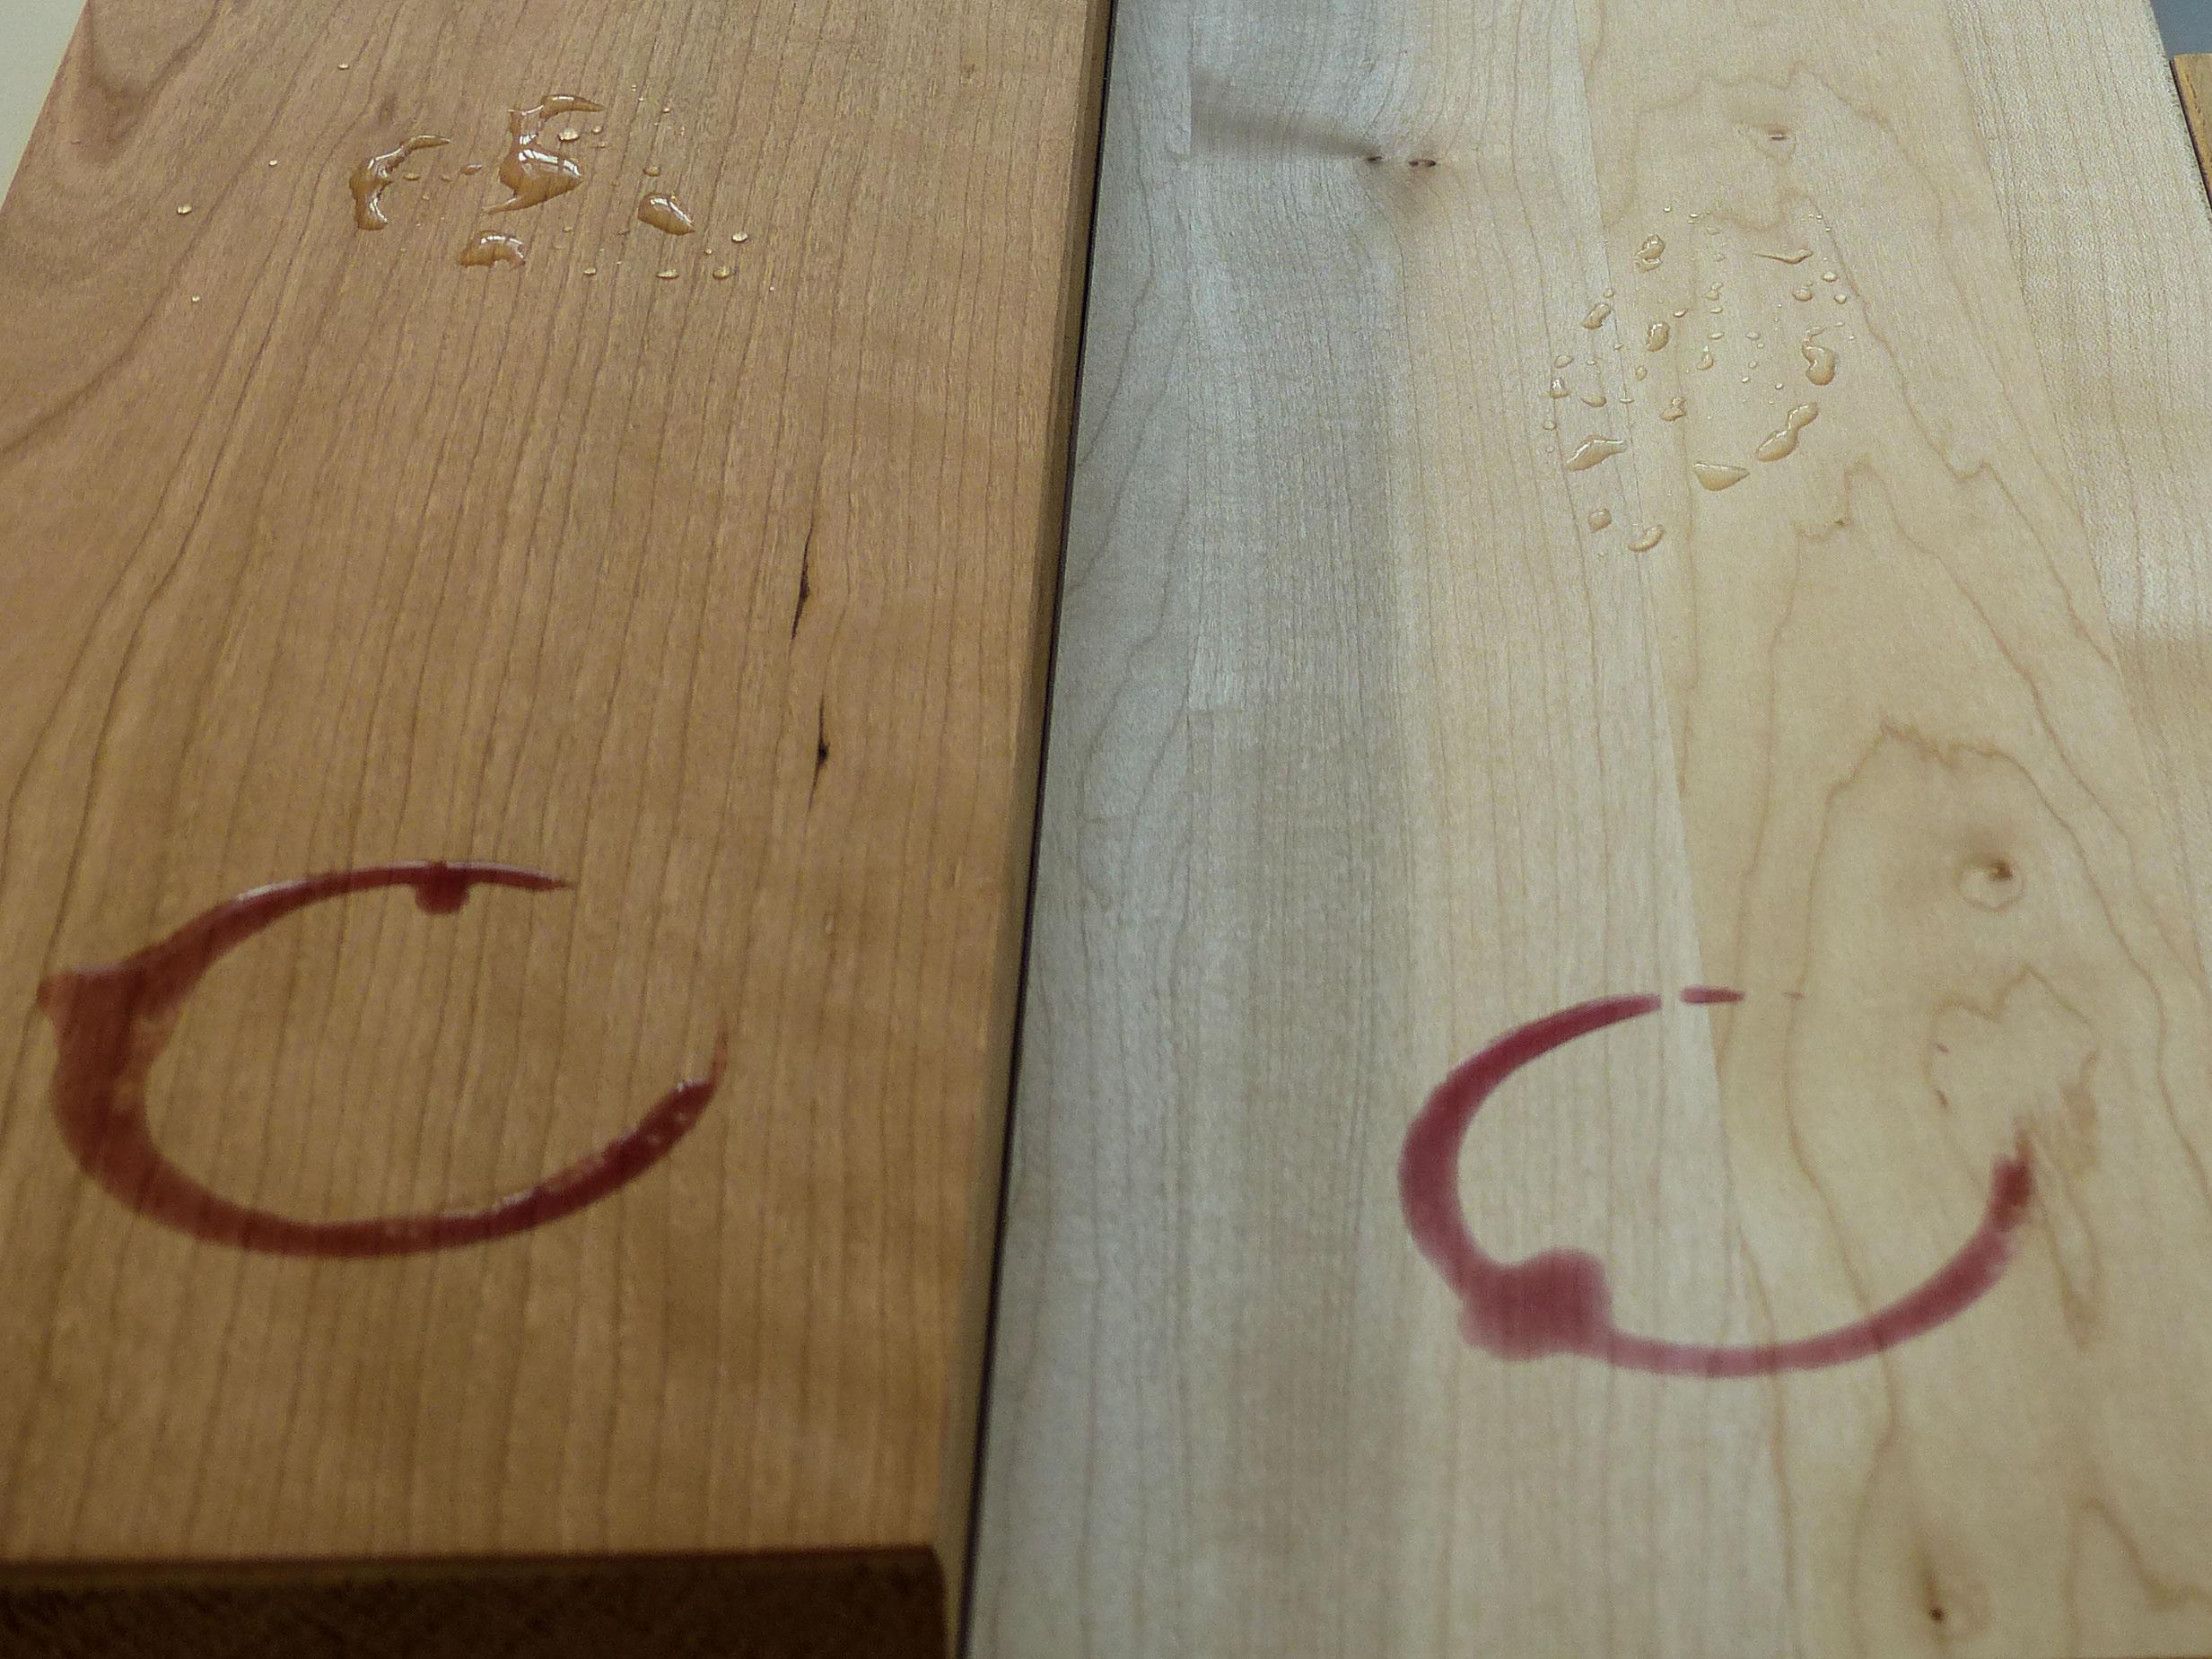 Die Sache mit den Rotweinflecken  - Shakermöbel / Shaker furniture